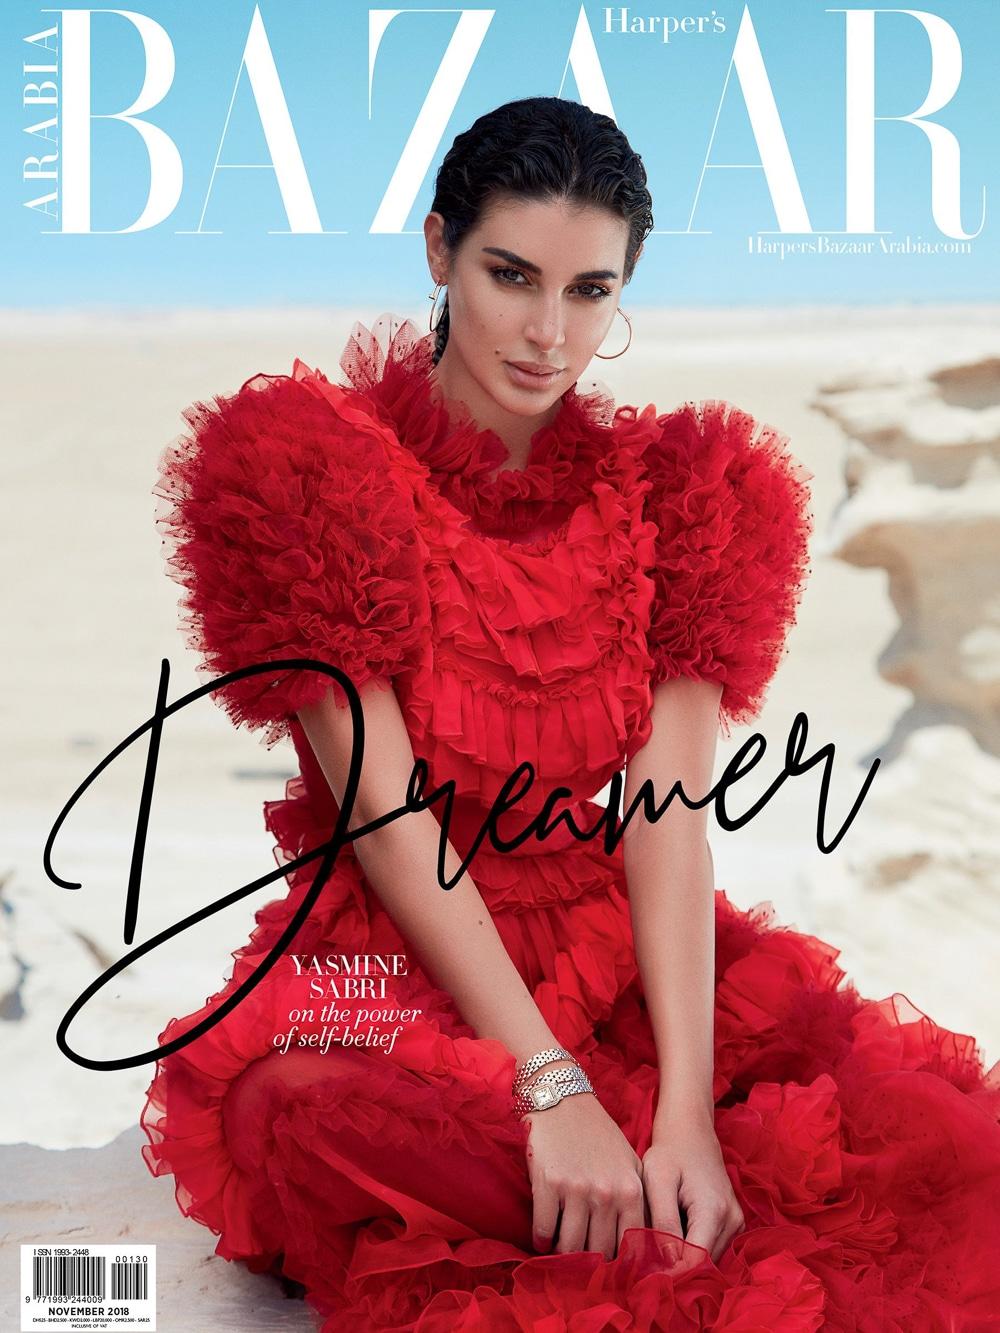 Greg-Swales-Harpers-Bazaar-Arabia-Yasmine-Sabri-1-1.jpg